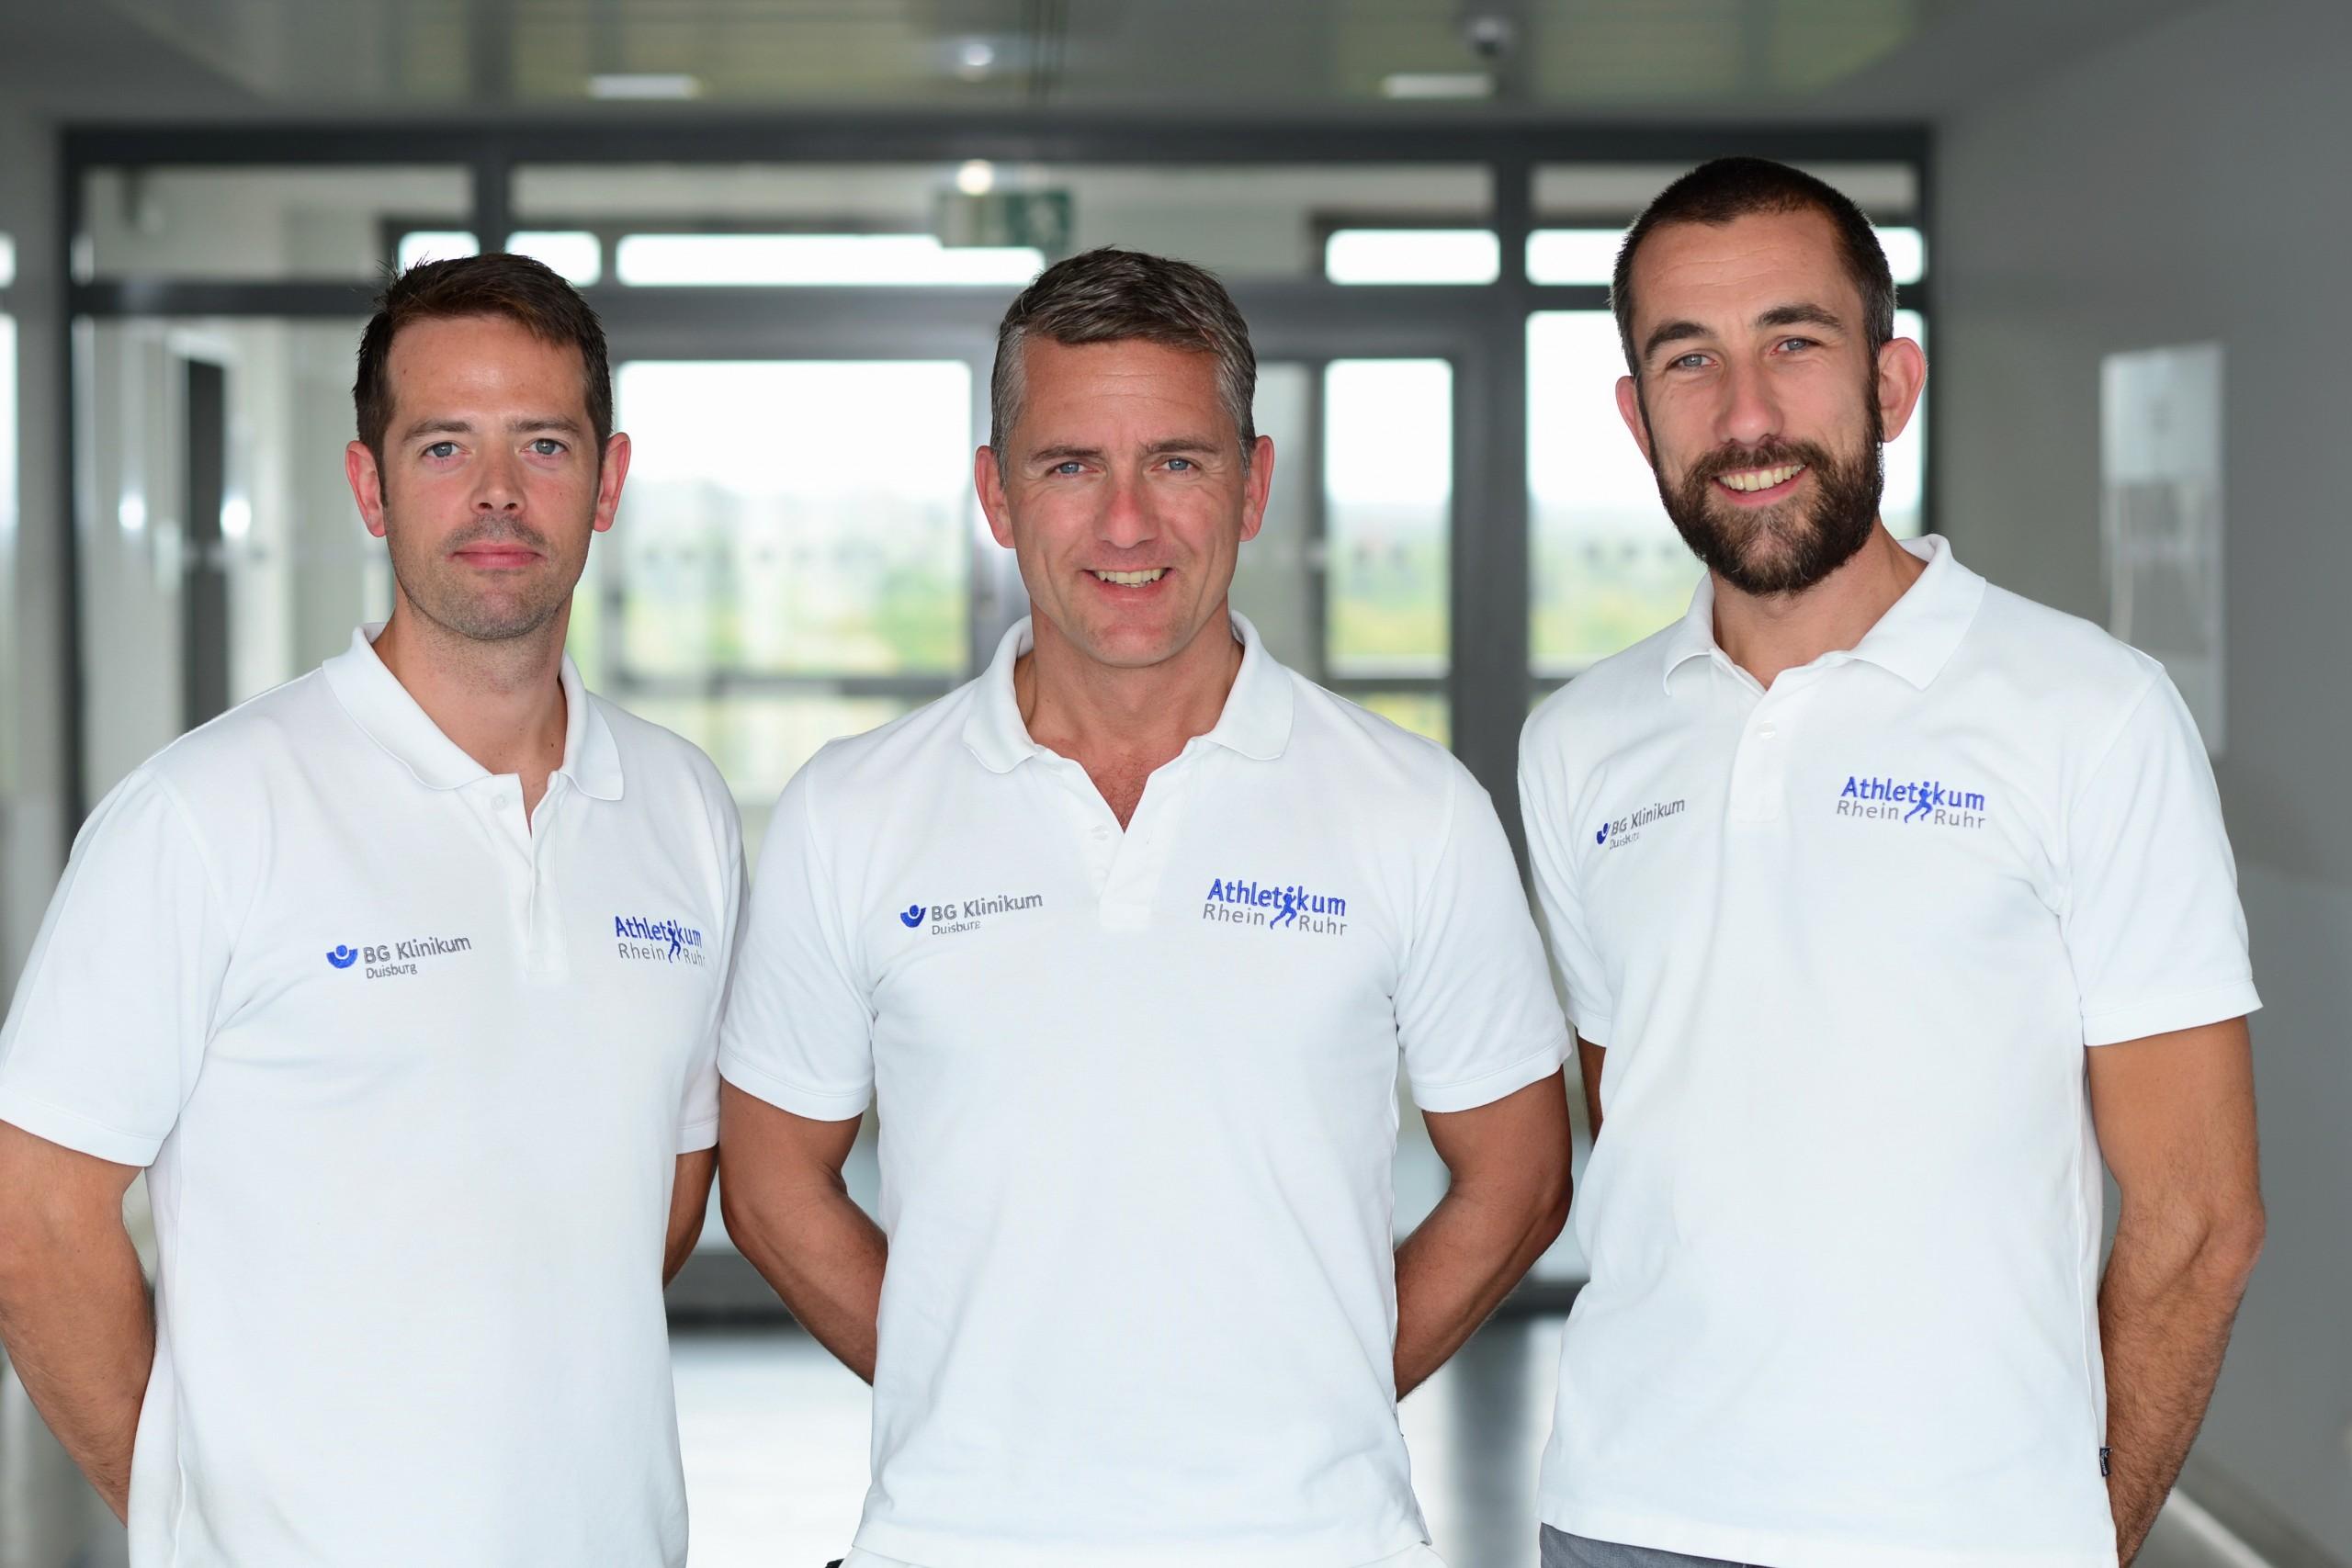 von links: Dr. Christian Raeder (Sportwissenschaftler - Athletikum Rhein-Ruhr), Dr. Christian Schoepp (Chefarzt der Sporttraumatologie & Sportmedizin), Arthur Praetorius (Sportwissenschaftler - Athletikum Rhein-Ruhr).